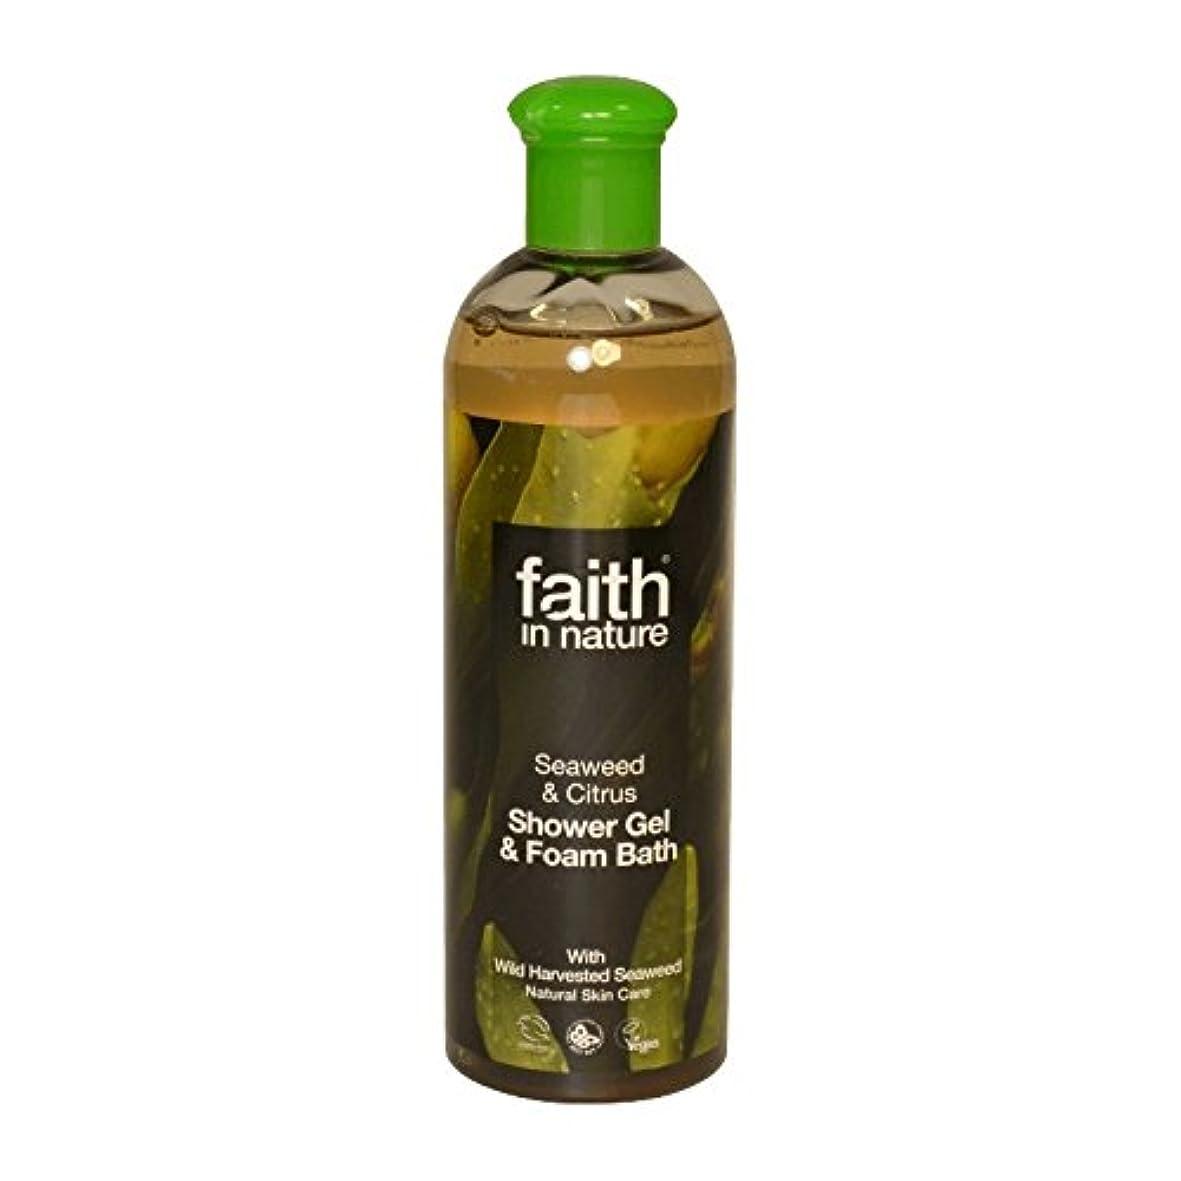 固執カートボウリングFaith in Nature Seaweed & Citrus Shower Gel & Bath Foam 400ml (Pack of 6) - 自然の海藻&シトラスシャワージェル&バス泡400ミリリットルの信仰 (x6) [並行輸入品]